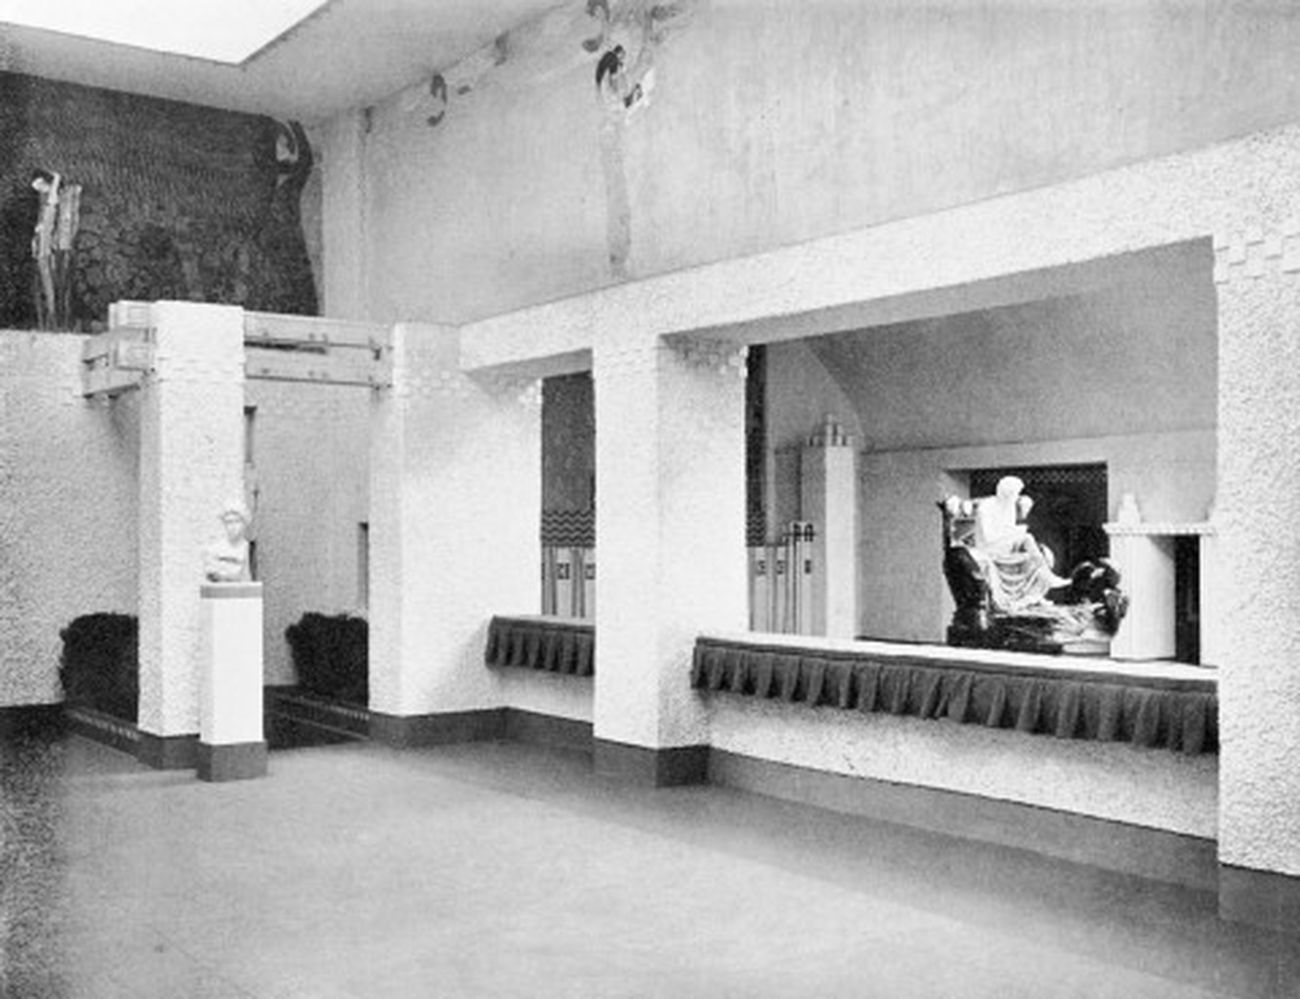 XIV esposizione della Secessione viennese, 1902. La statua raffigurante Beethoven di Max Klinger. Photo Archive of Secession